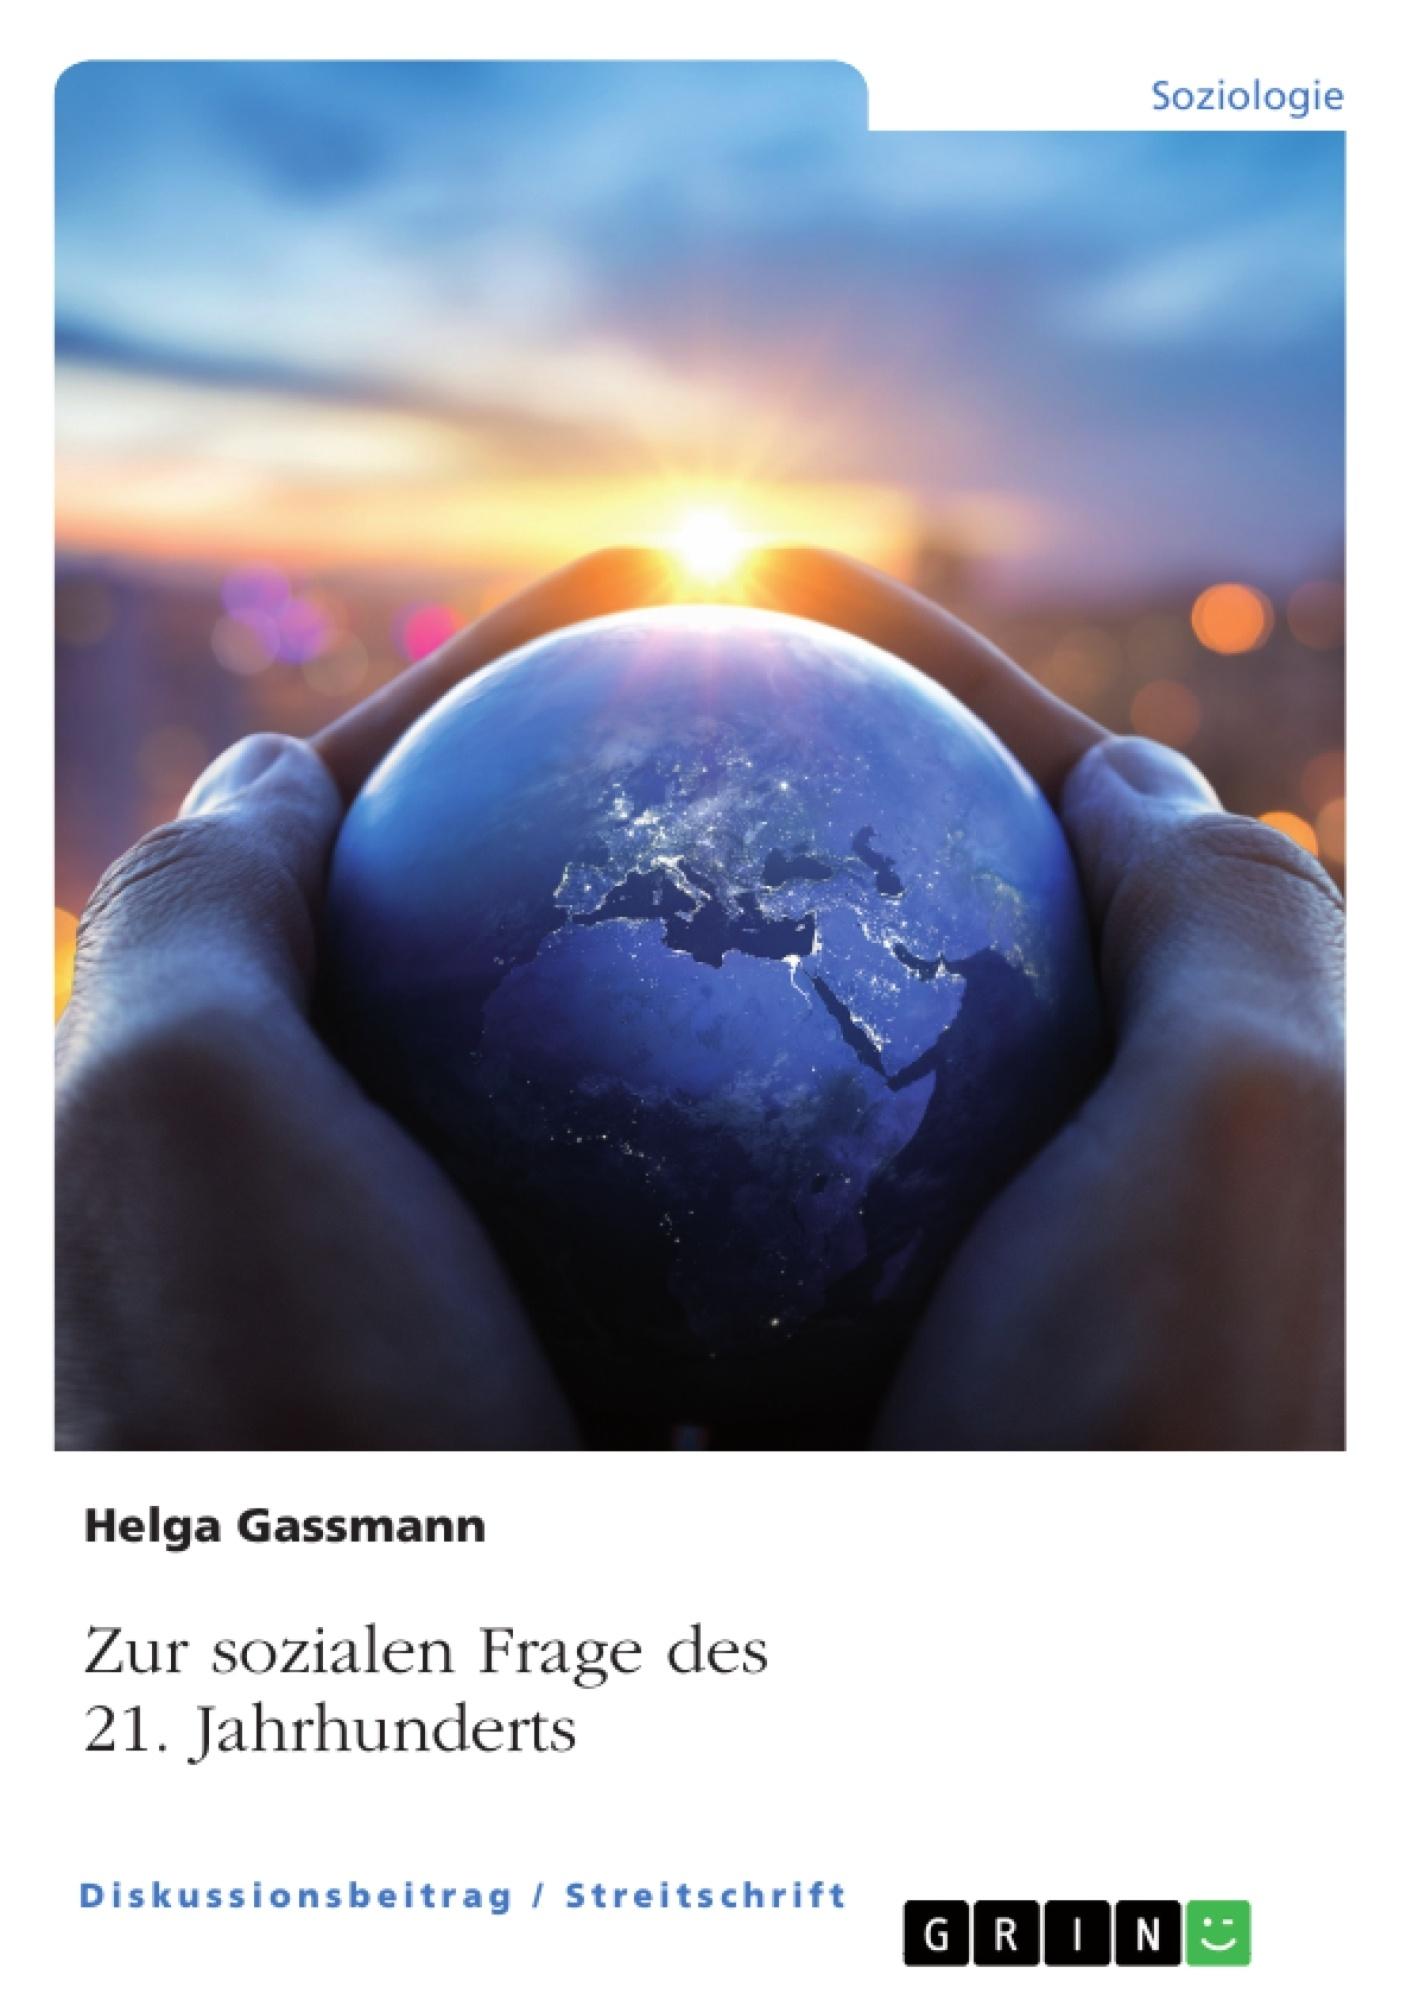 Titel: Zur sozialen Frage des 21. Jahrhunderts